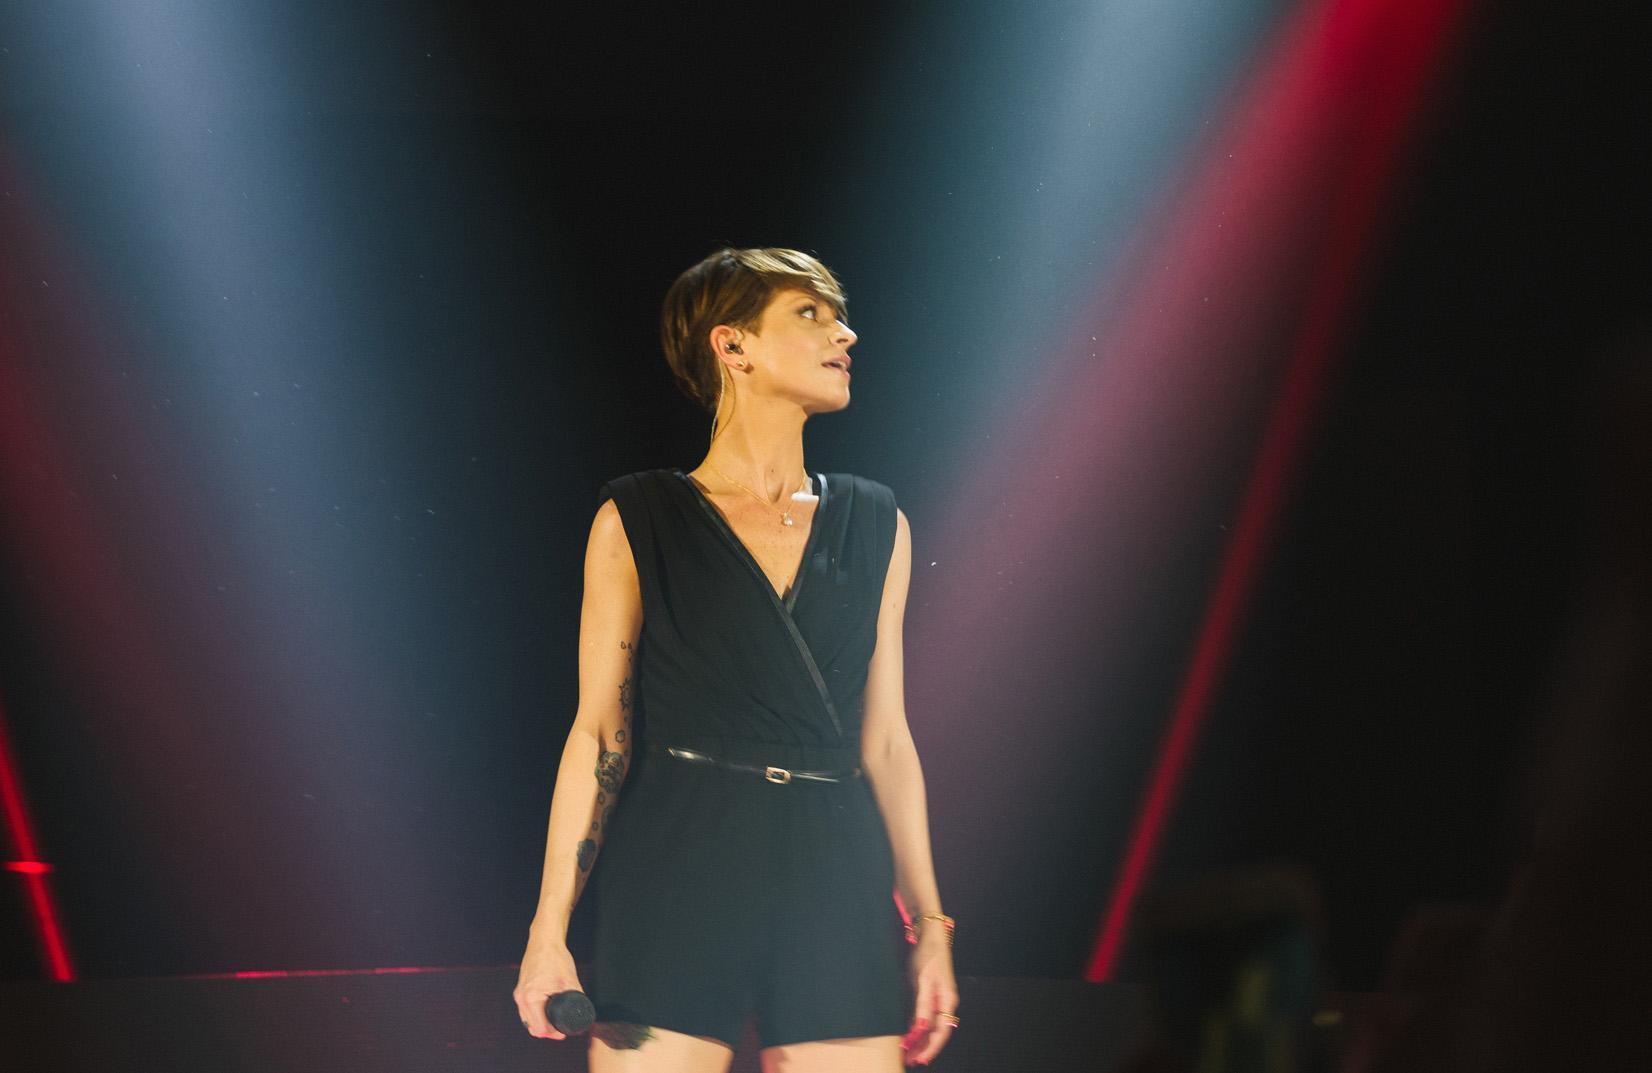 Alessandra Amoroso: 'Dimagrita con la zumba, non ho seguito diete fai da te'